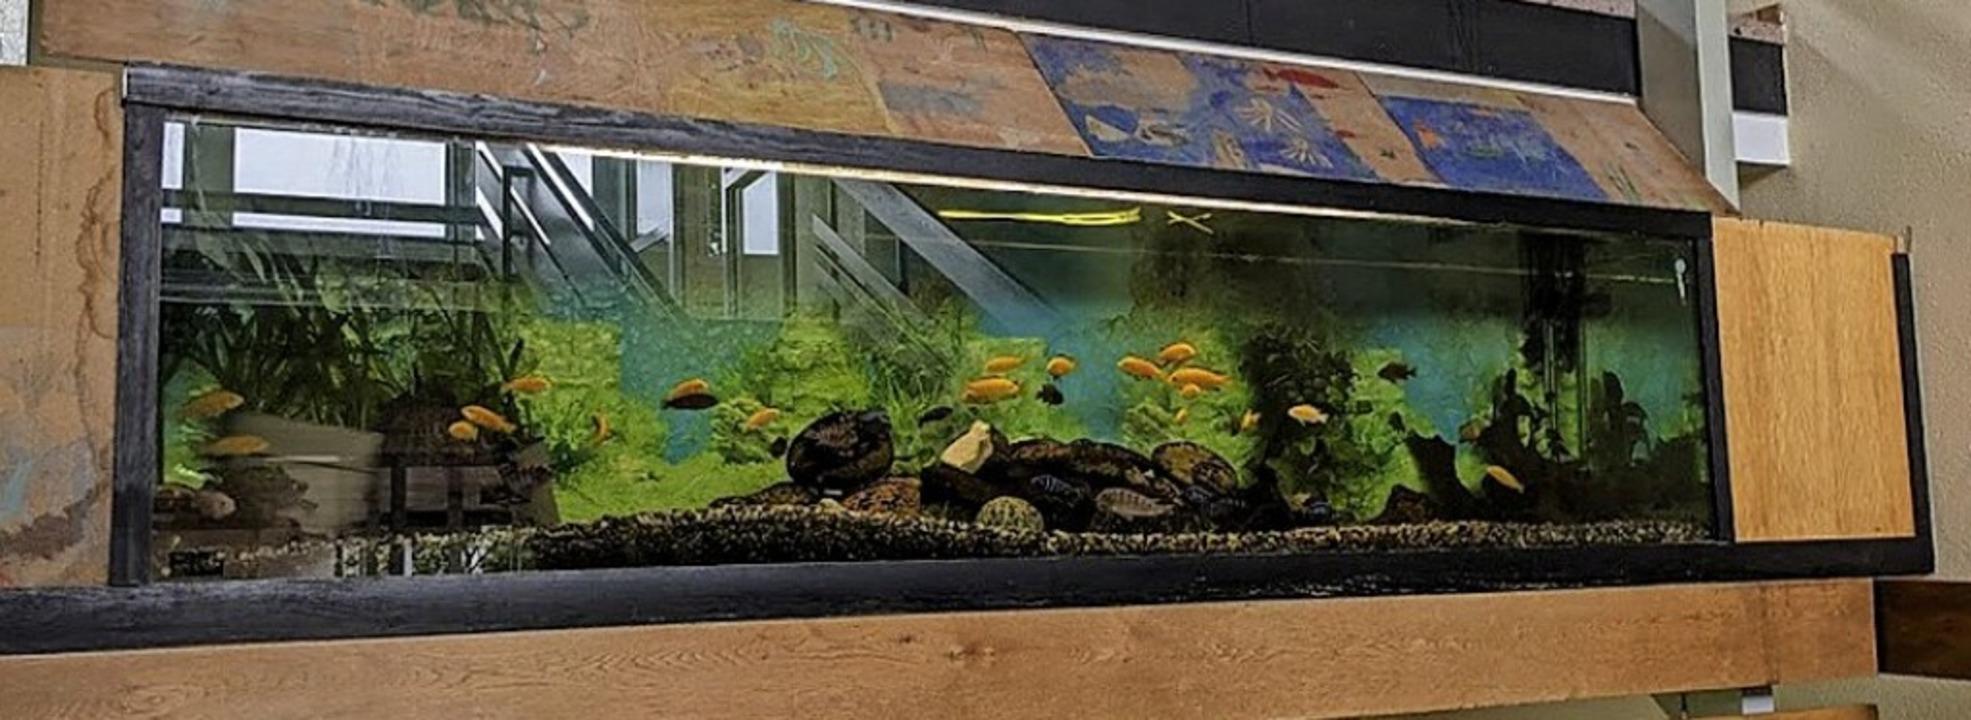 Das alte Aquarium in der Isteiner Grundschule wird erneuert.    Foto: Selina Denzer